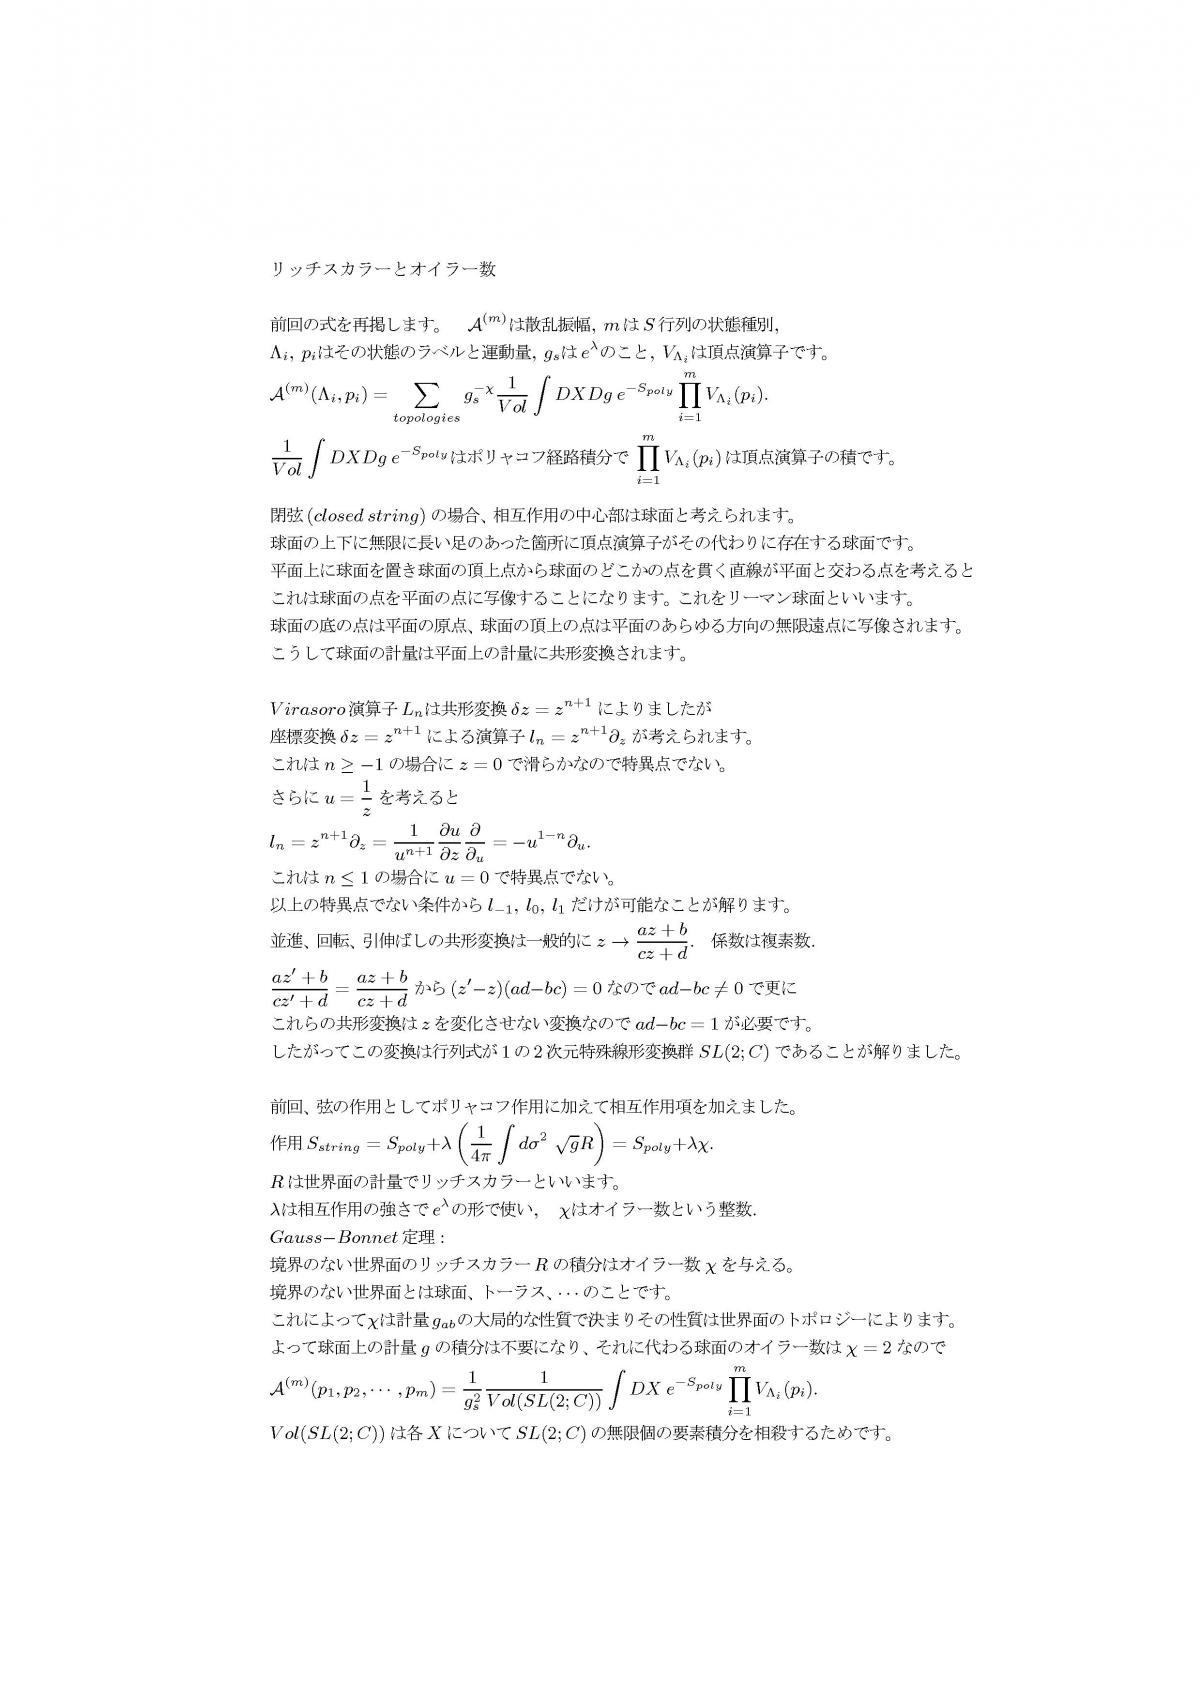 pgen39a.jpg